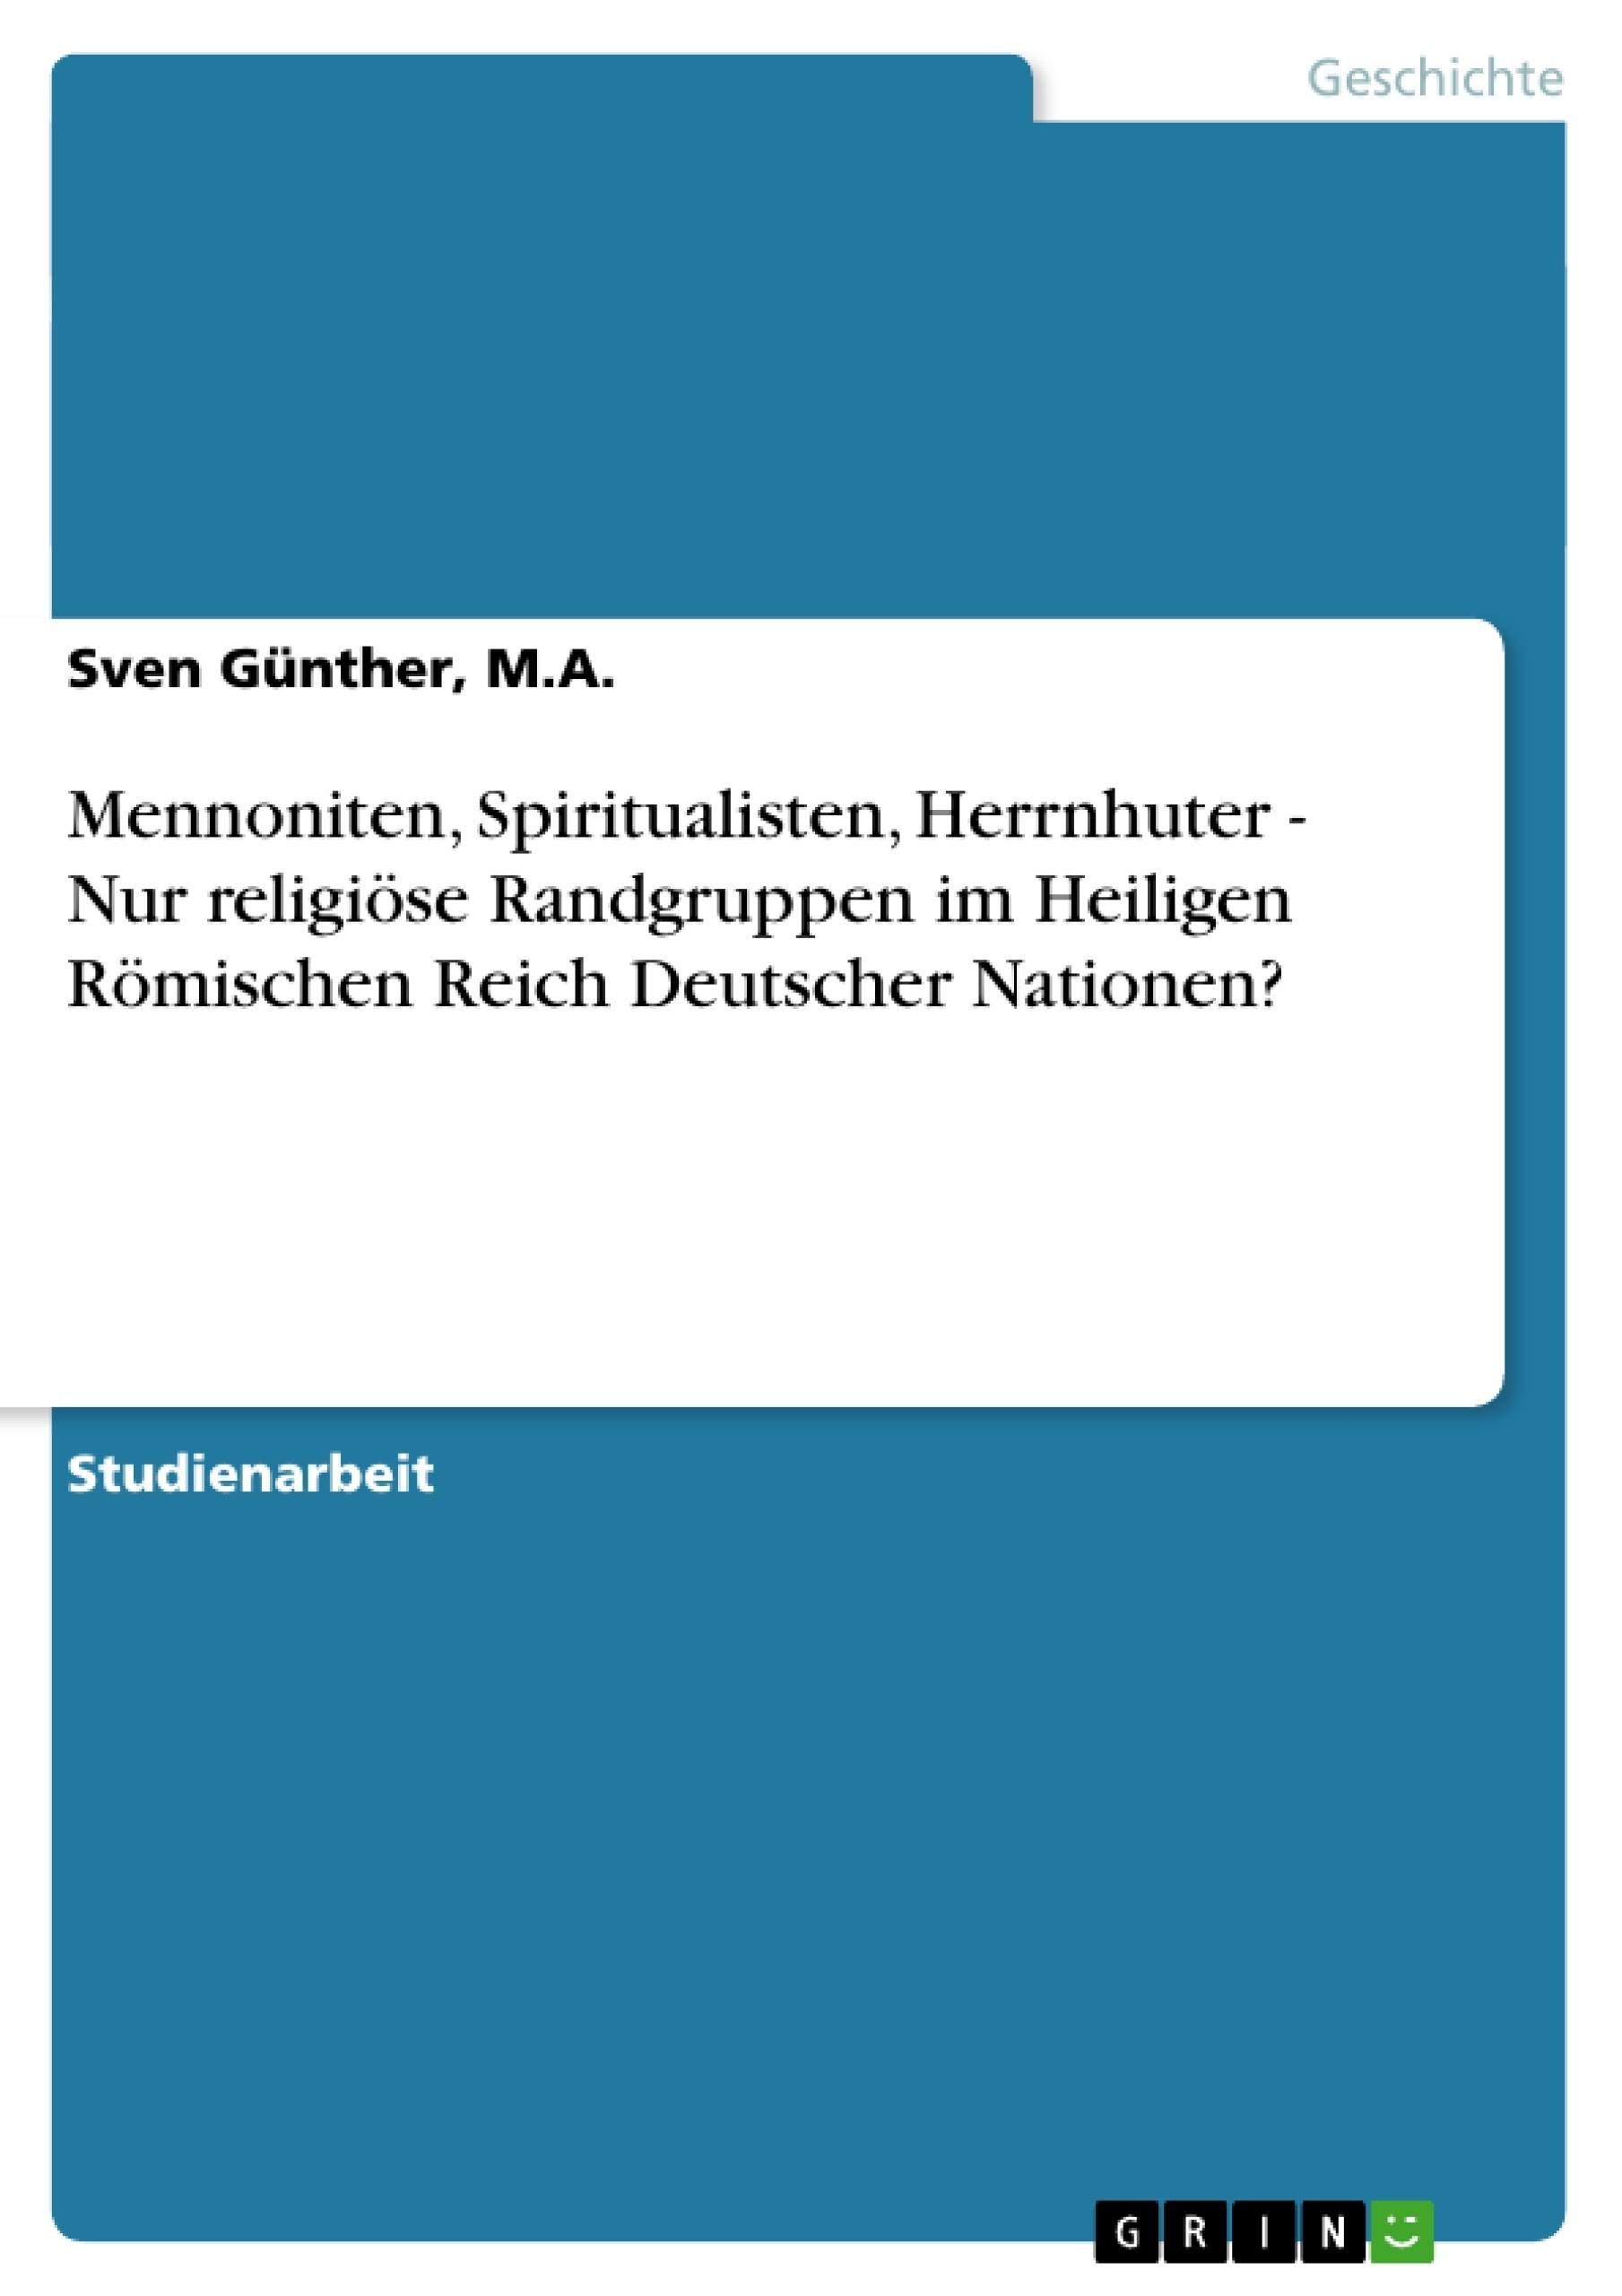 Titel: Mennoniten, Spiritualisten, Herrnhuter - Nur religiöse Randgruppen im Heiligen Römischen Reich Deutscher Nationen?